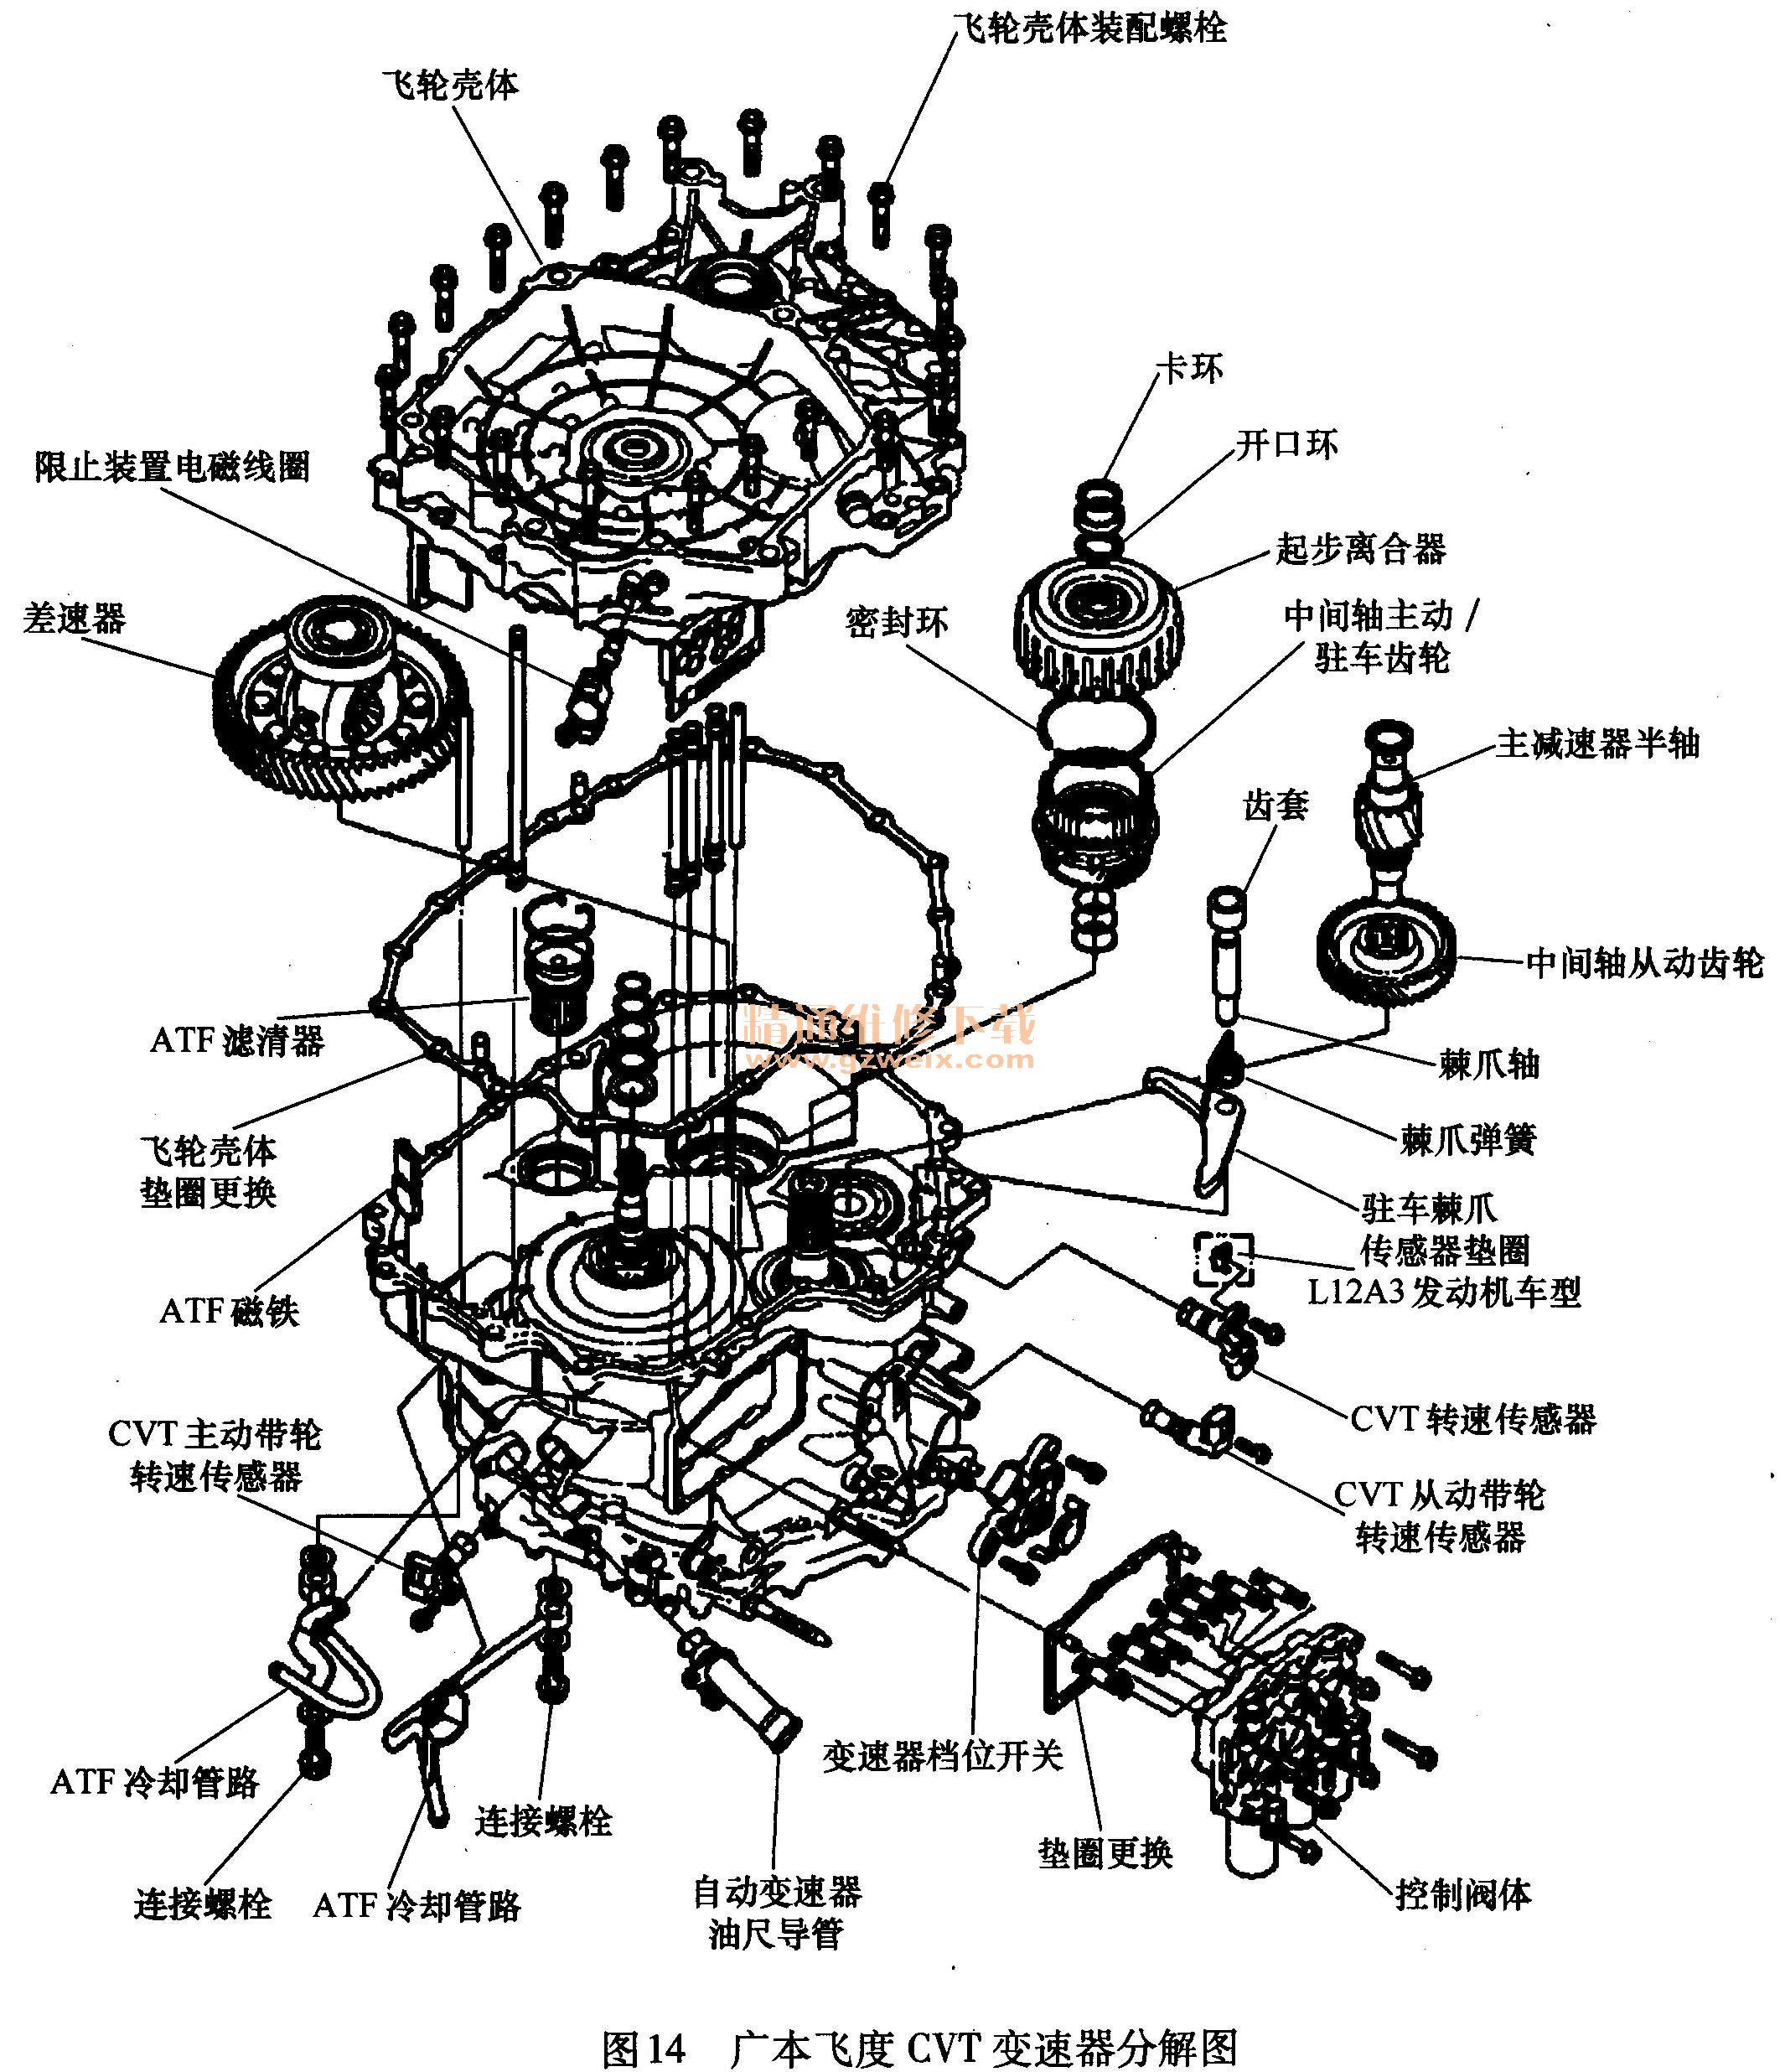 详解本田自动变速器结构特点及检修要点